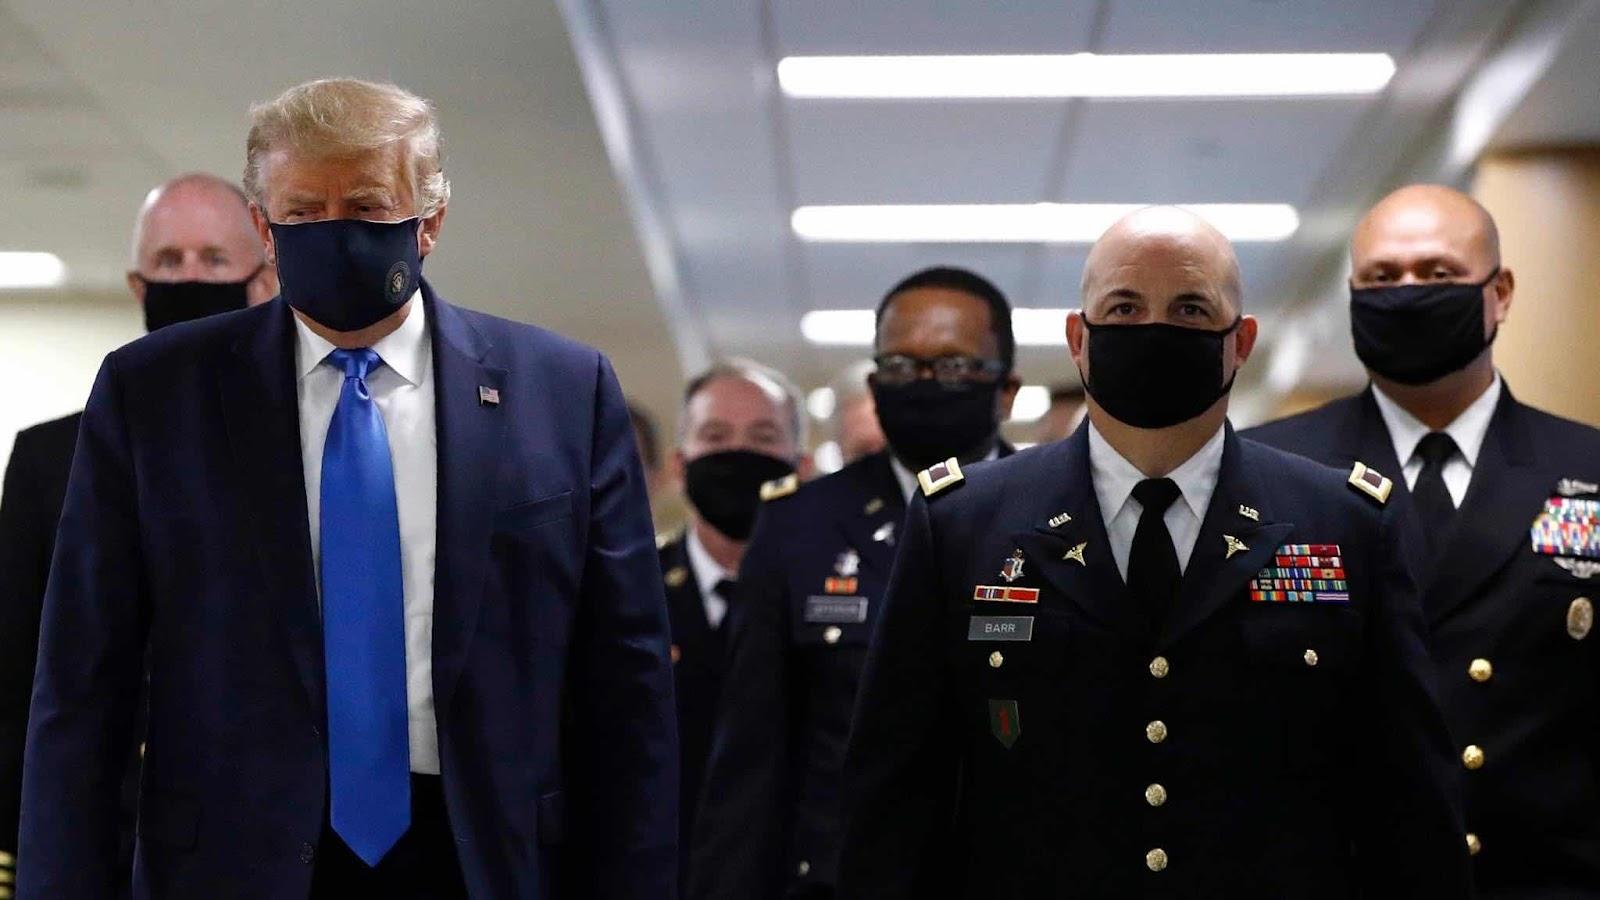 TT Trump đến thăm Trung Tâm Quân Y Quốc Gia Walter Reed ở ngoại ô Washington DC, tiểu bang Maryland ngày thứ Bảy 11/7. Tất cả mọi người kể cả mật vụ và các tướng lãnh đều đeo khẩu trang.